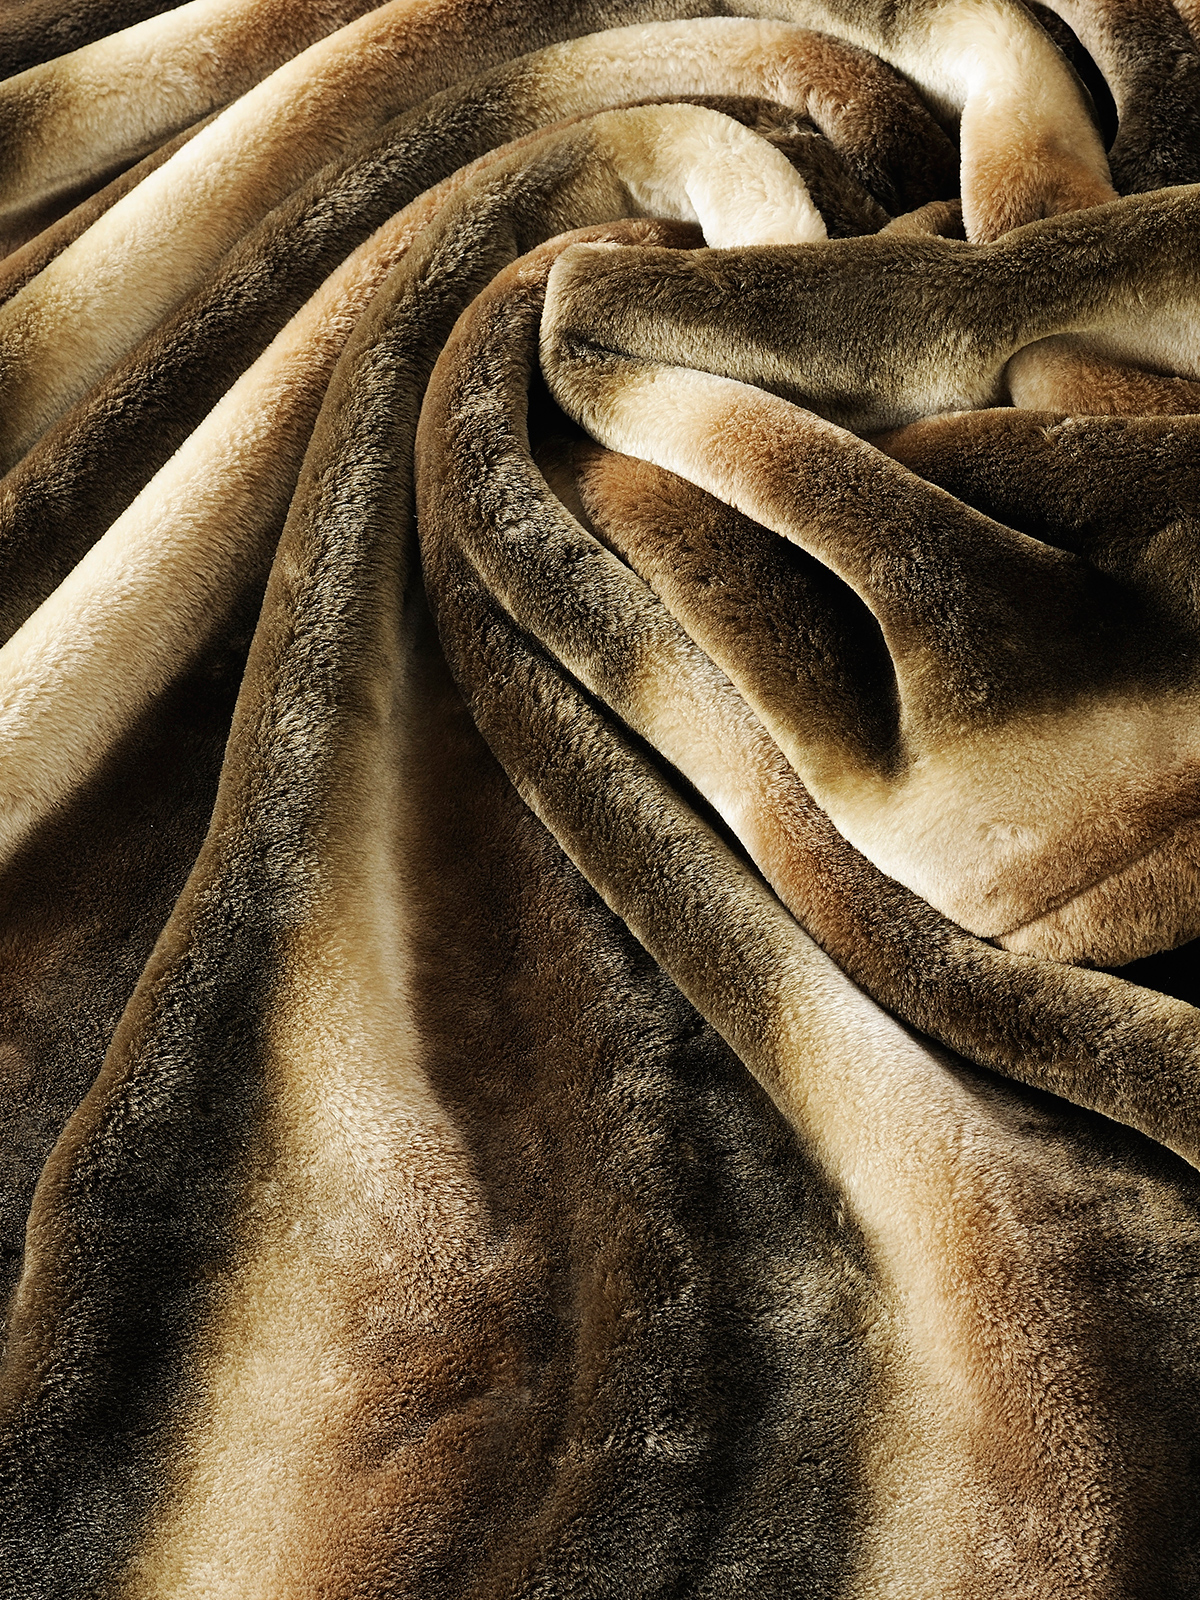 大阪・泉大津の職人たちの自信作。暖かさはもう当たり前、軽さとなめらかさも実現した「毛布」|CALDONIDO NOTTEⅡ(カルドニード ノッテ)